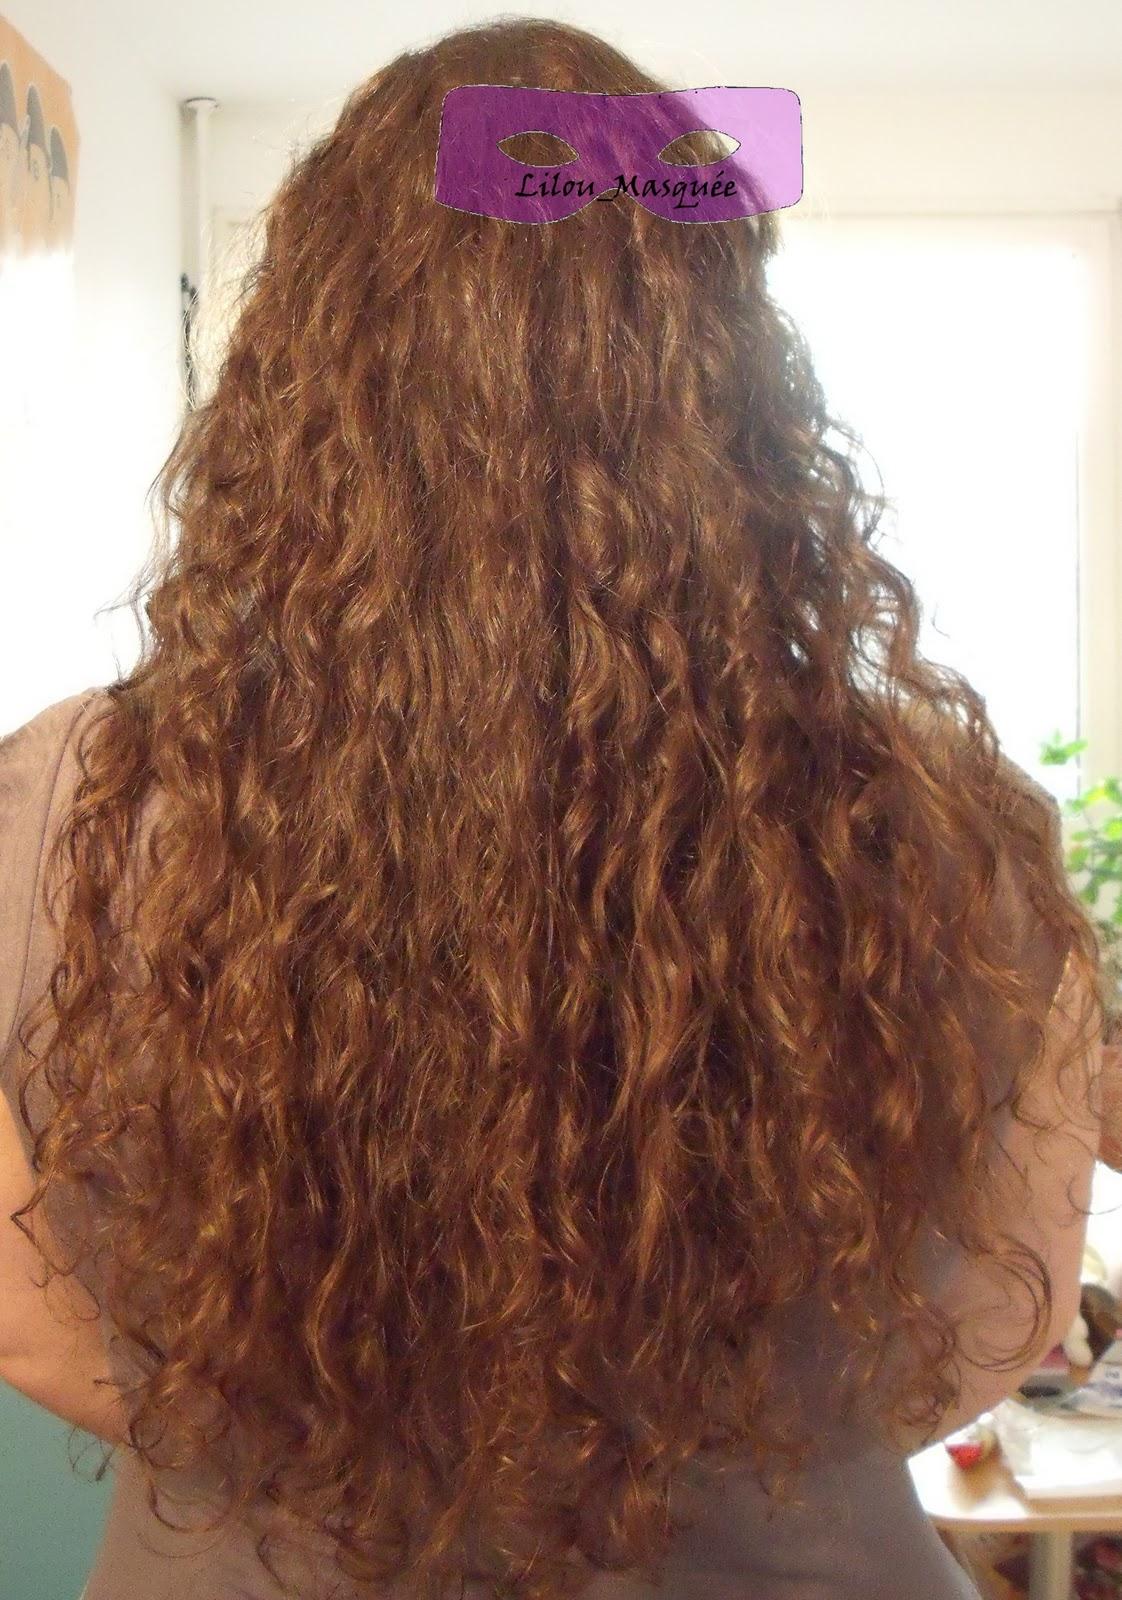 tuto coiffure 2 chignons flous pour cheveux boucl s coiffure cheveux long extension cheveux. Black Bedroom Furniture Sets. Home Design Ideas